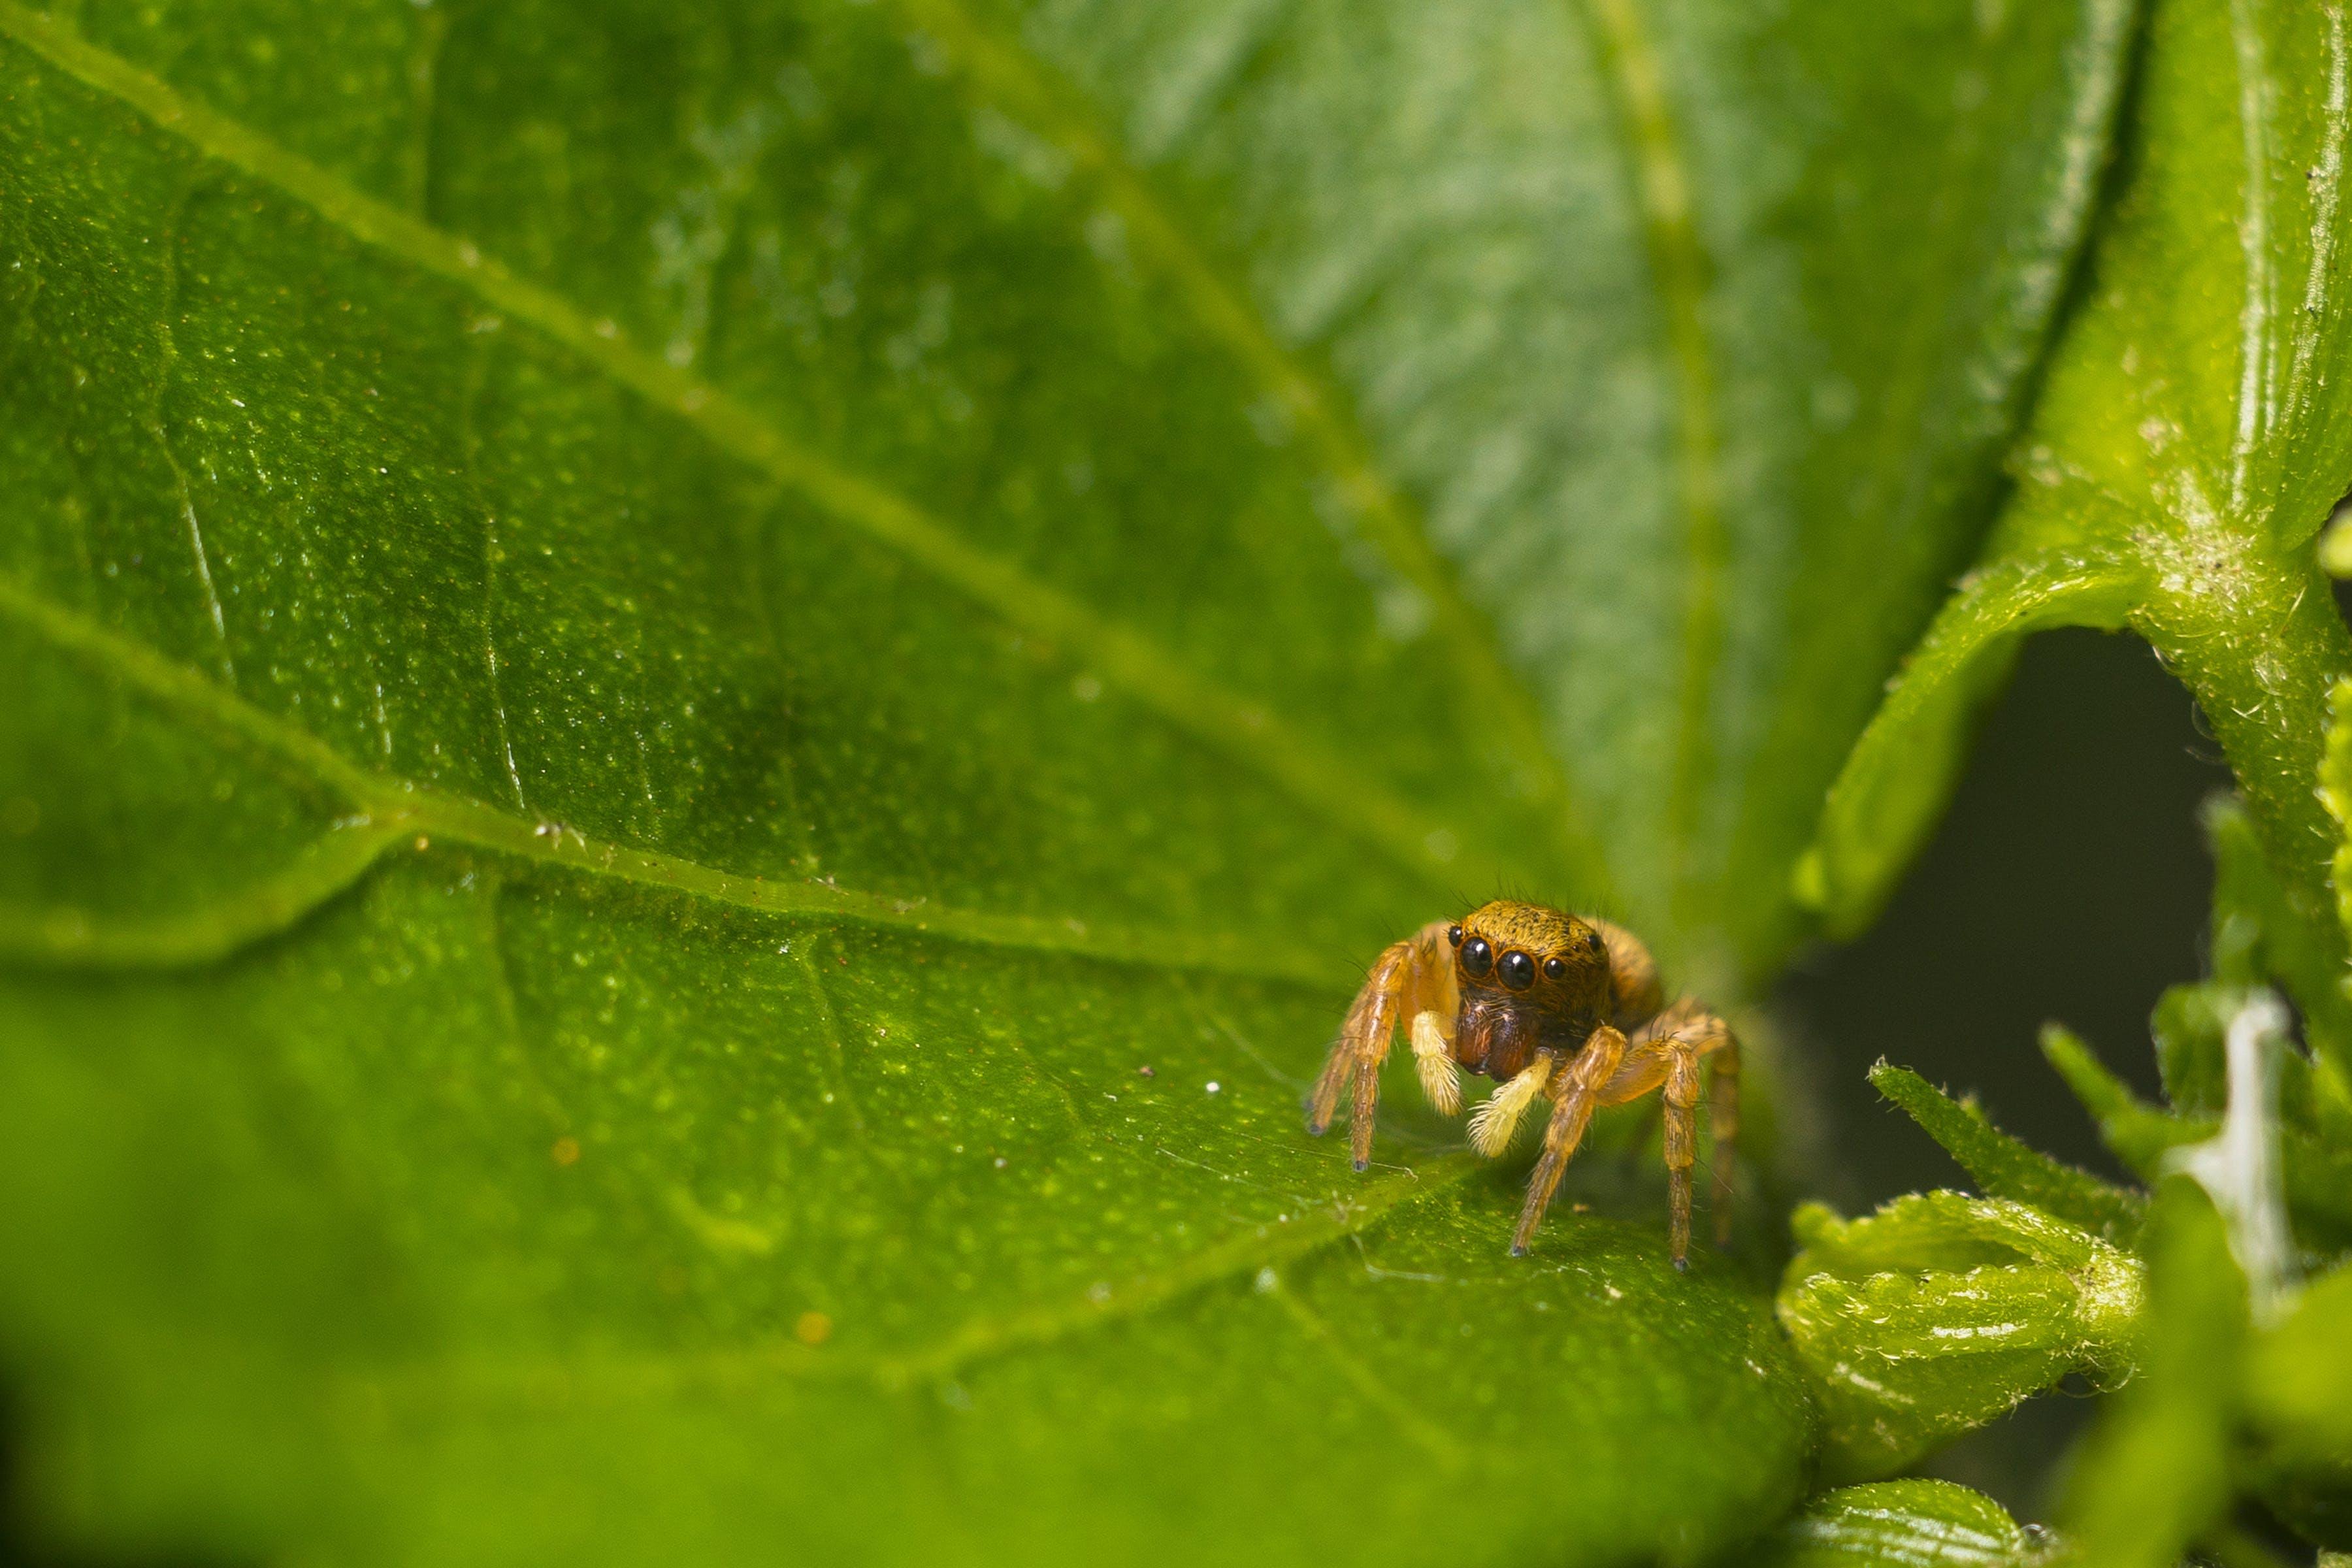 Macro Photo of Brown Spider on Leaf